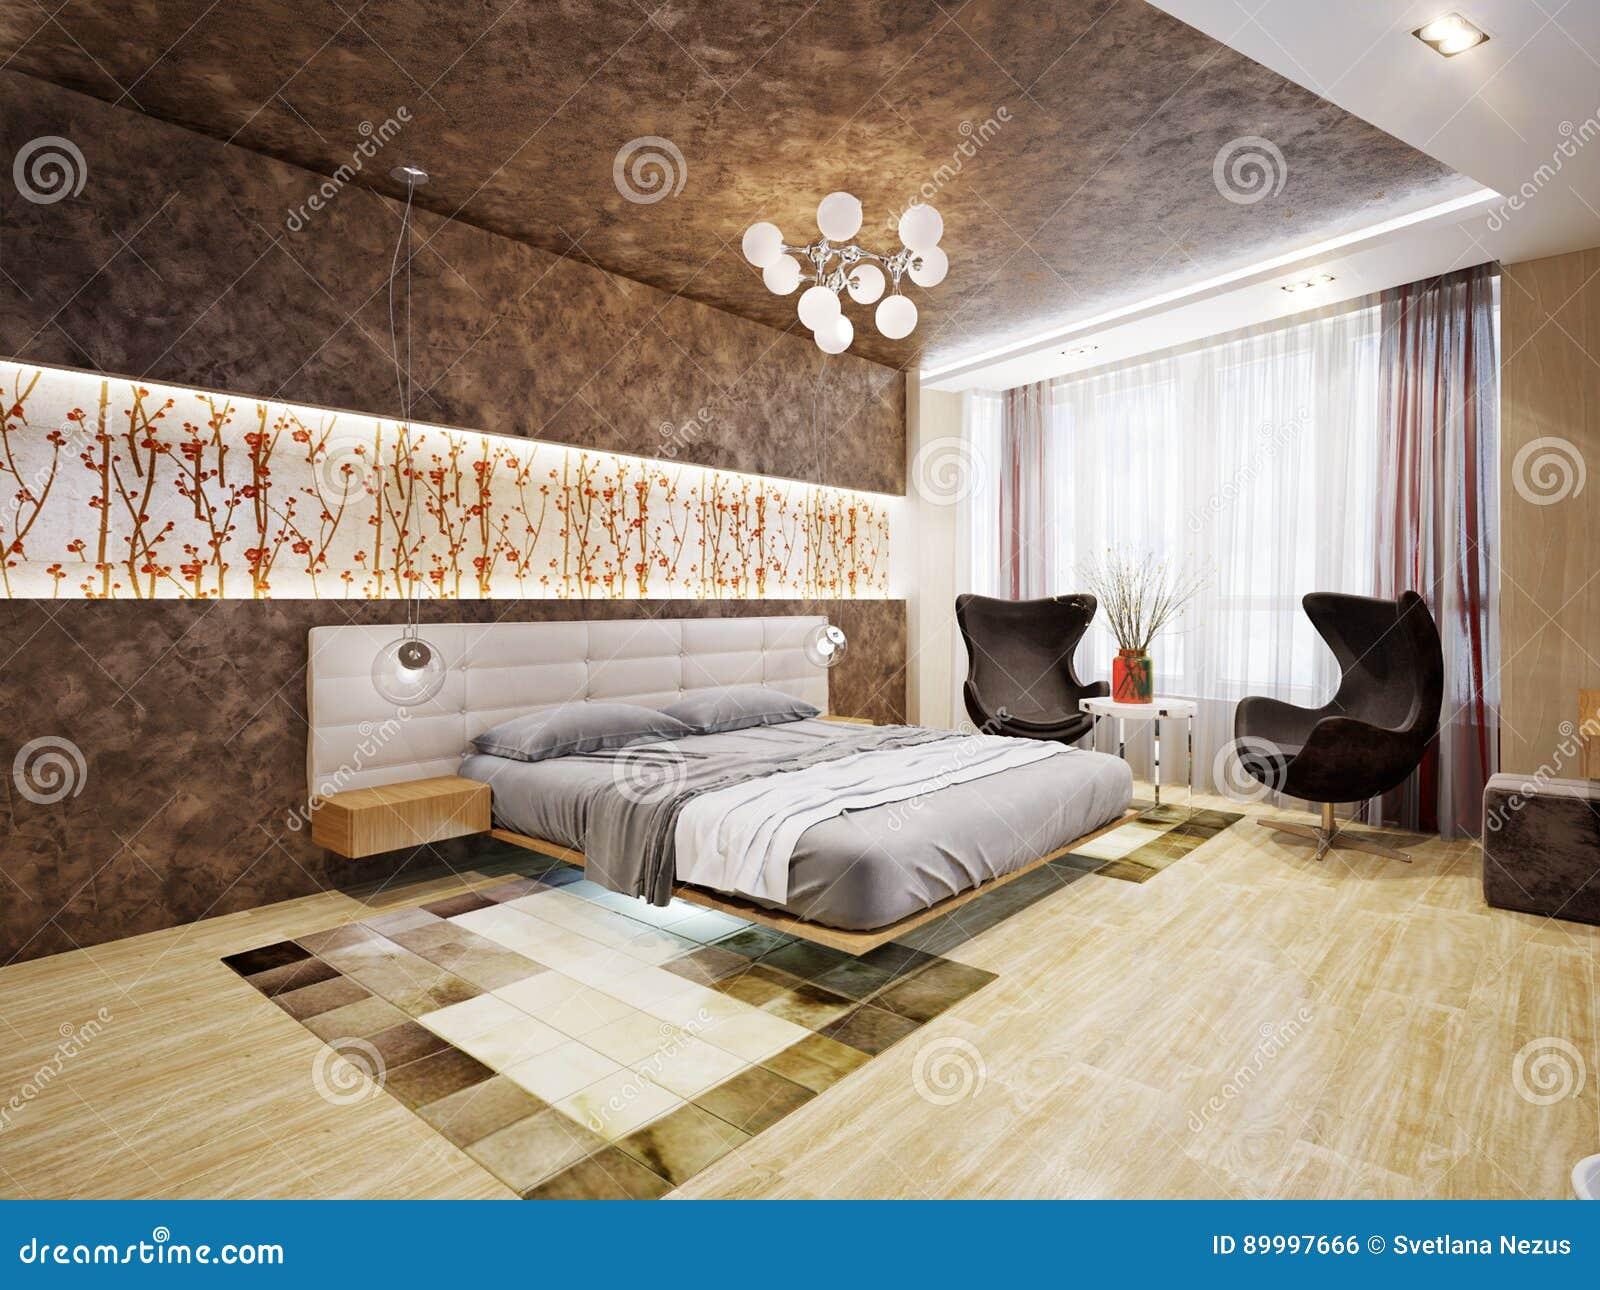 Modernes Schlafzimmer-Innenarchitektur Mit Japanischen Motiven Stock ...